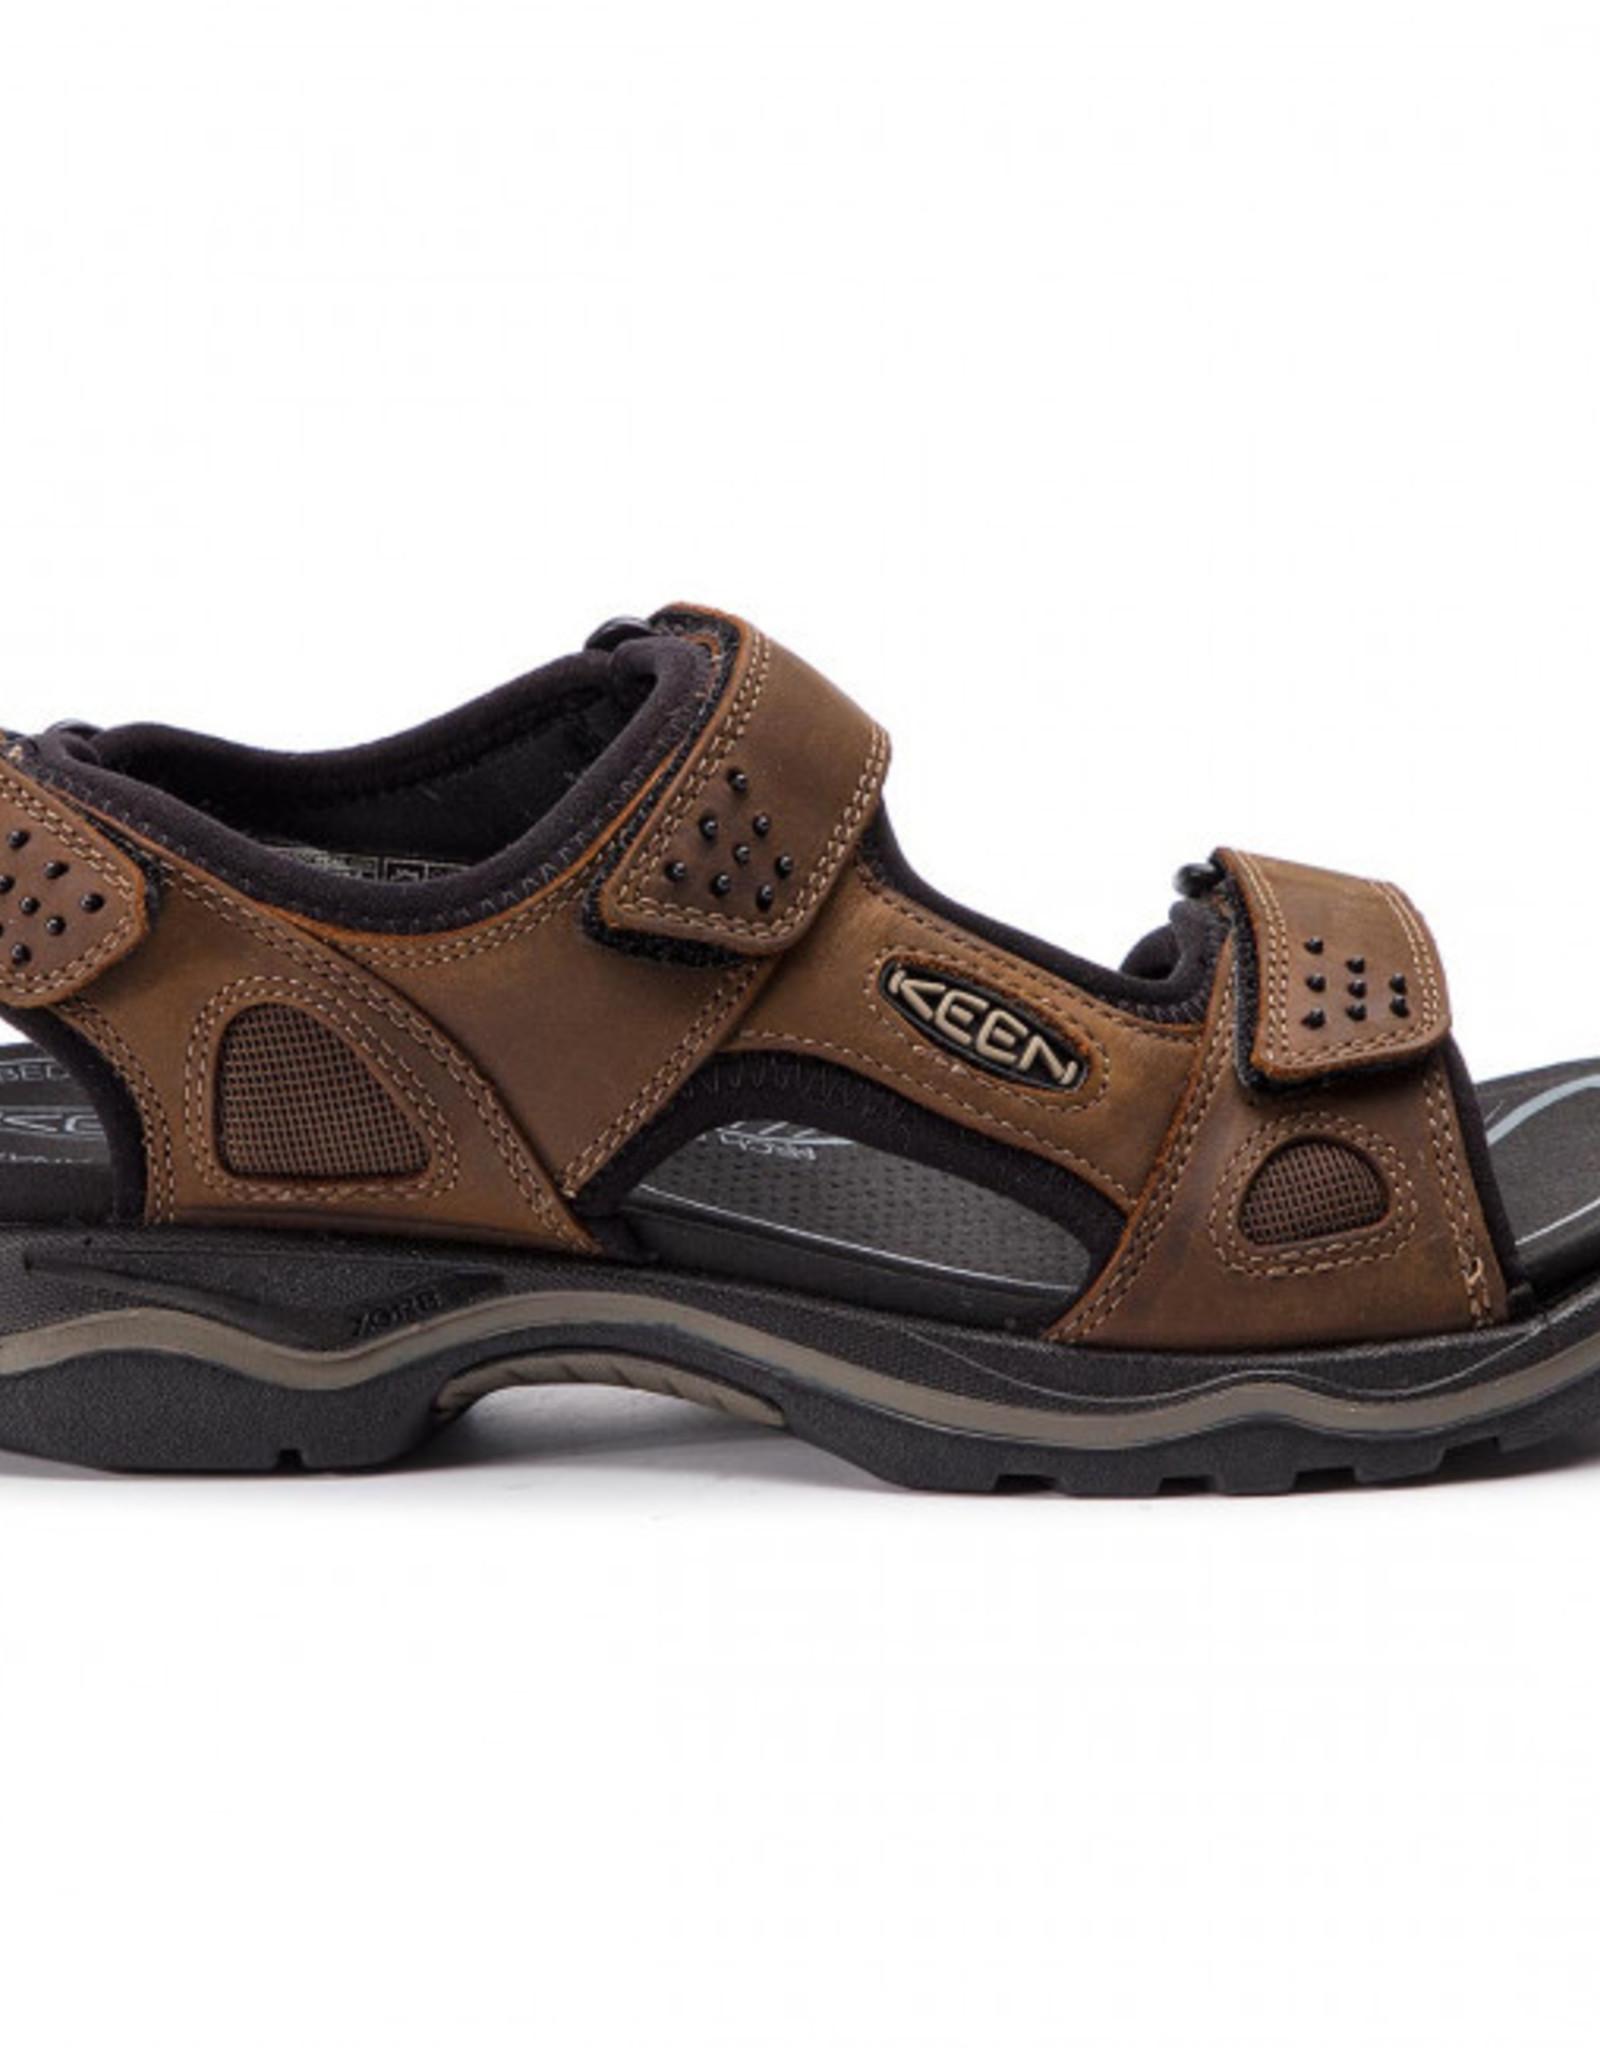 Keen Rialto sandal